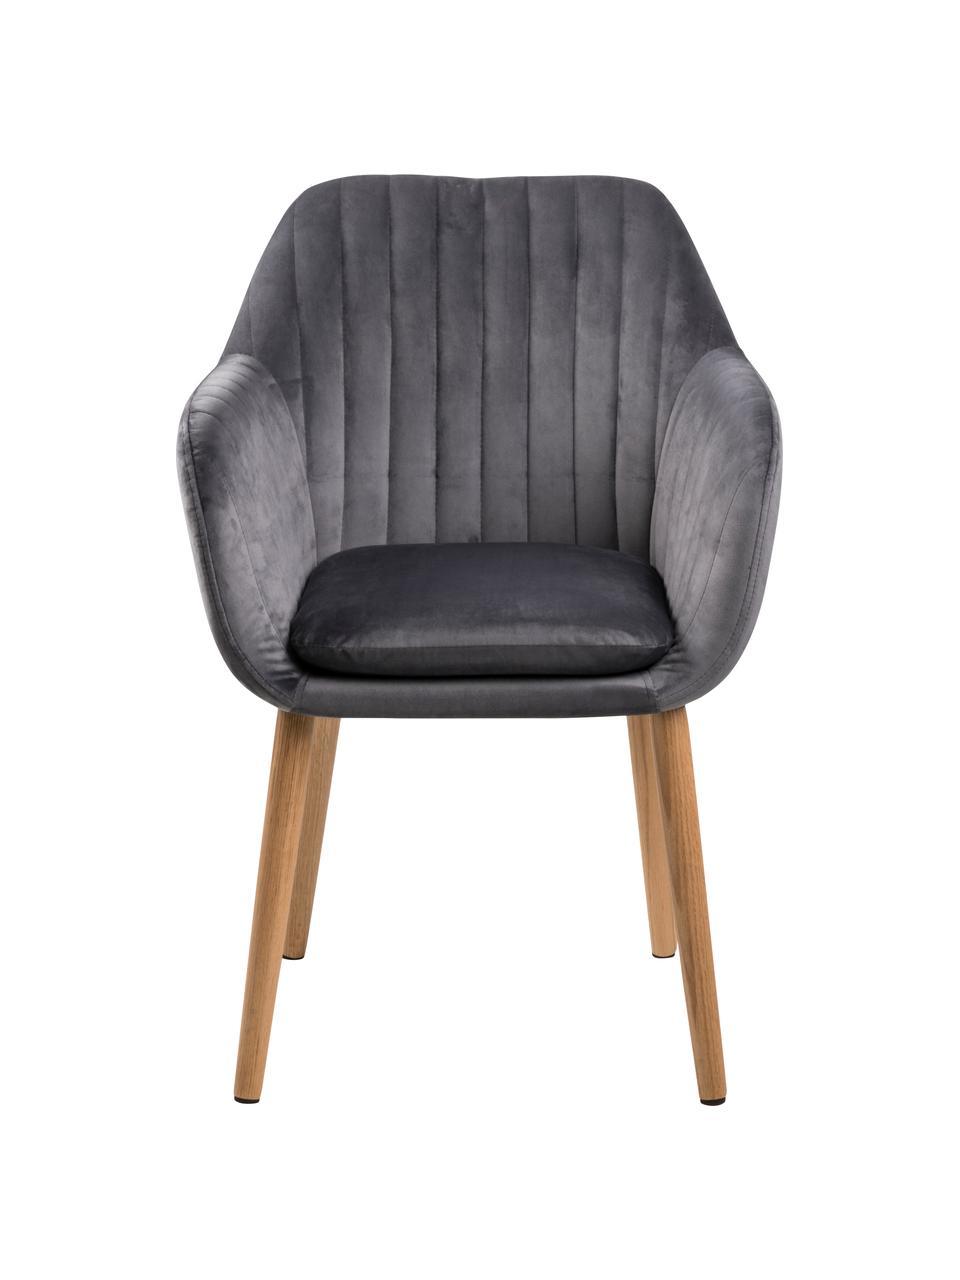 Krzesło z podłokietnikami z aksamitu i drewnianymi nogami Emilia, Tapicerka: aksamit poliestrowy Dzięk, Nogi: drewno dębowe, olejowane, Aksamitny ciemny szary, czarny, S 57 x G 59 cm